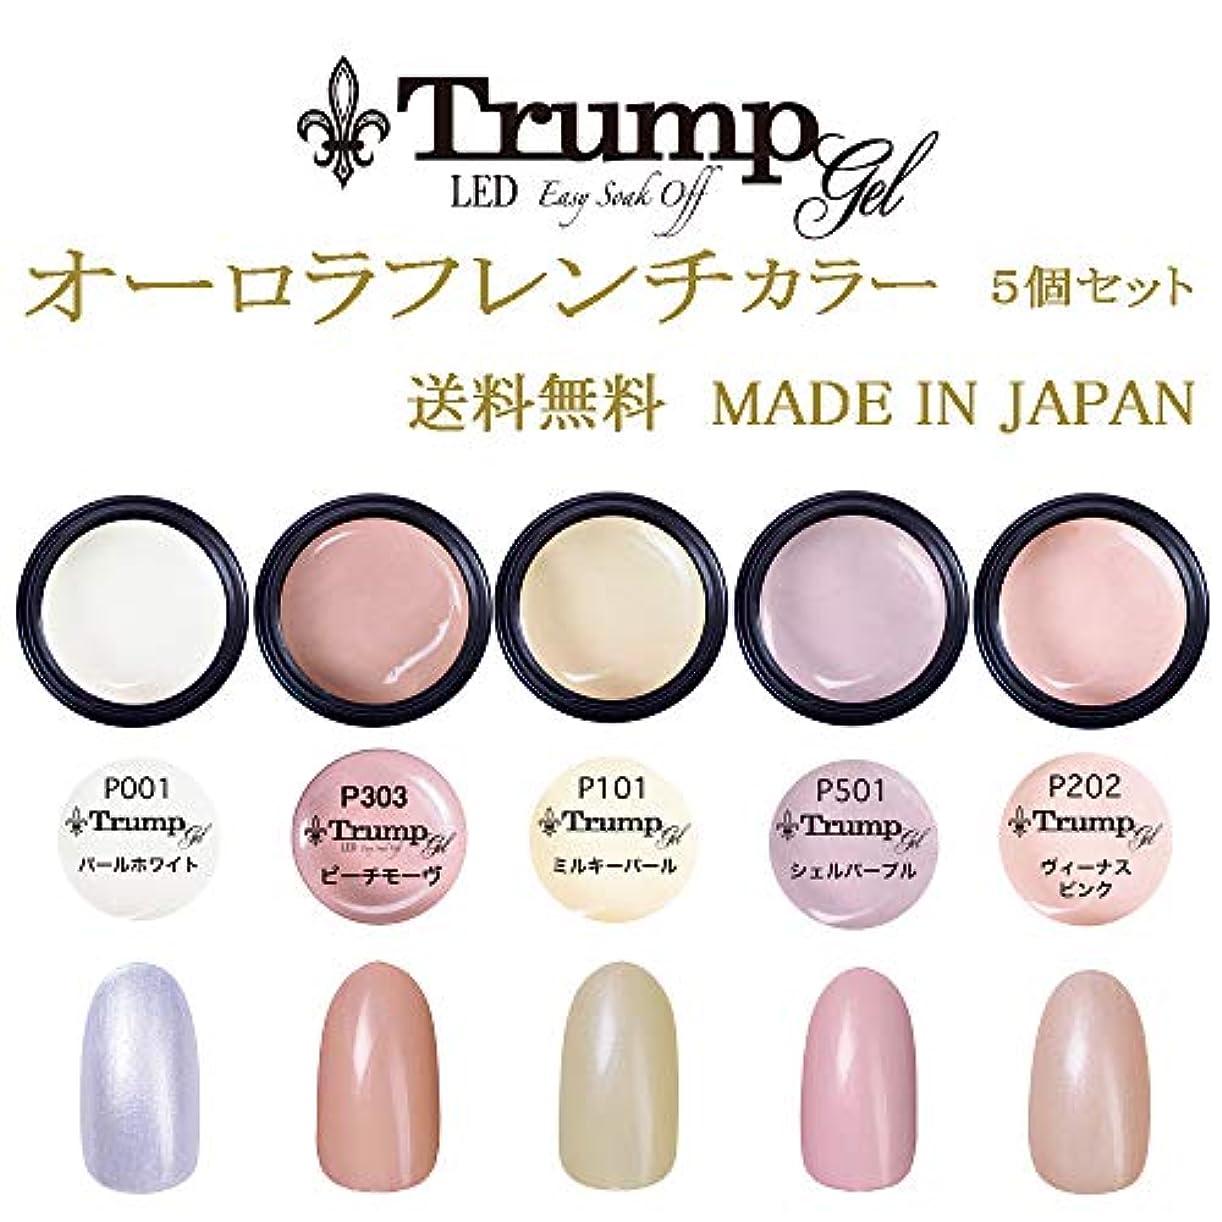 楽観ページ原始的な【送料無料】日本製 Trump gel トランプジェル オーロラフレンチカラージェル 5個セット オーロラ感たたっぷりな オーロラフレンチネイルカラージェルセット